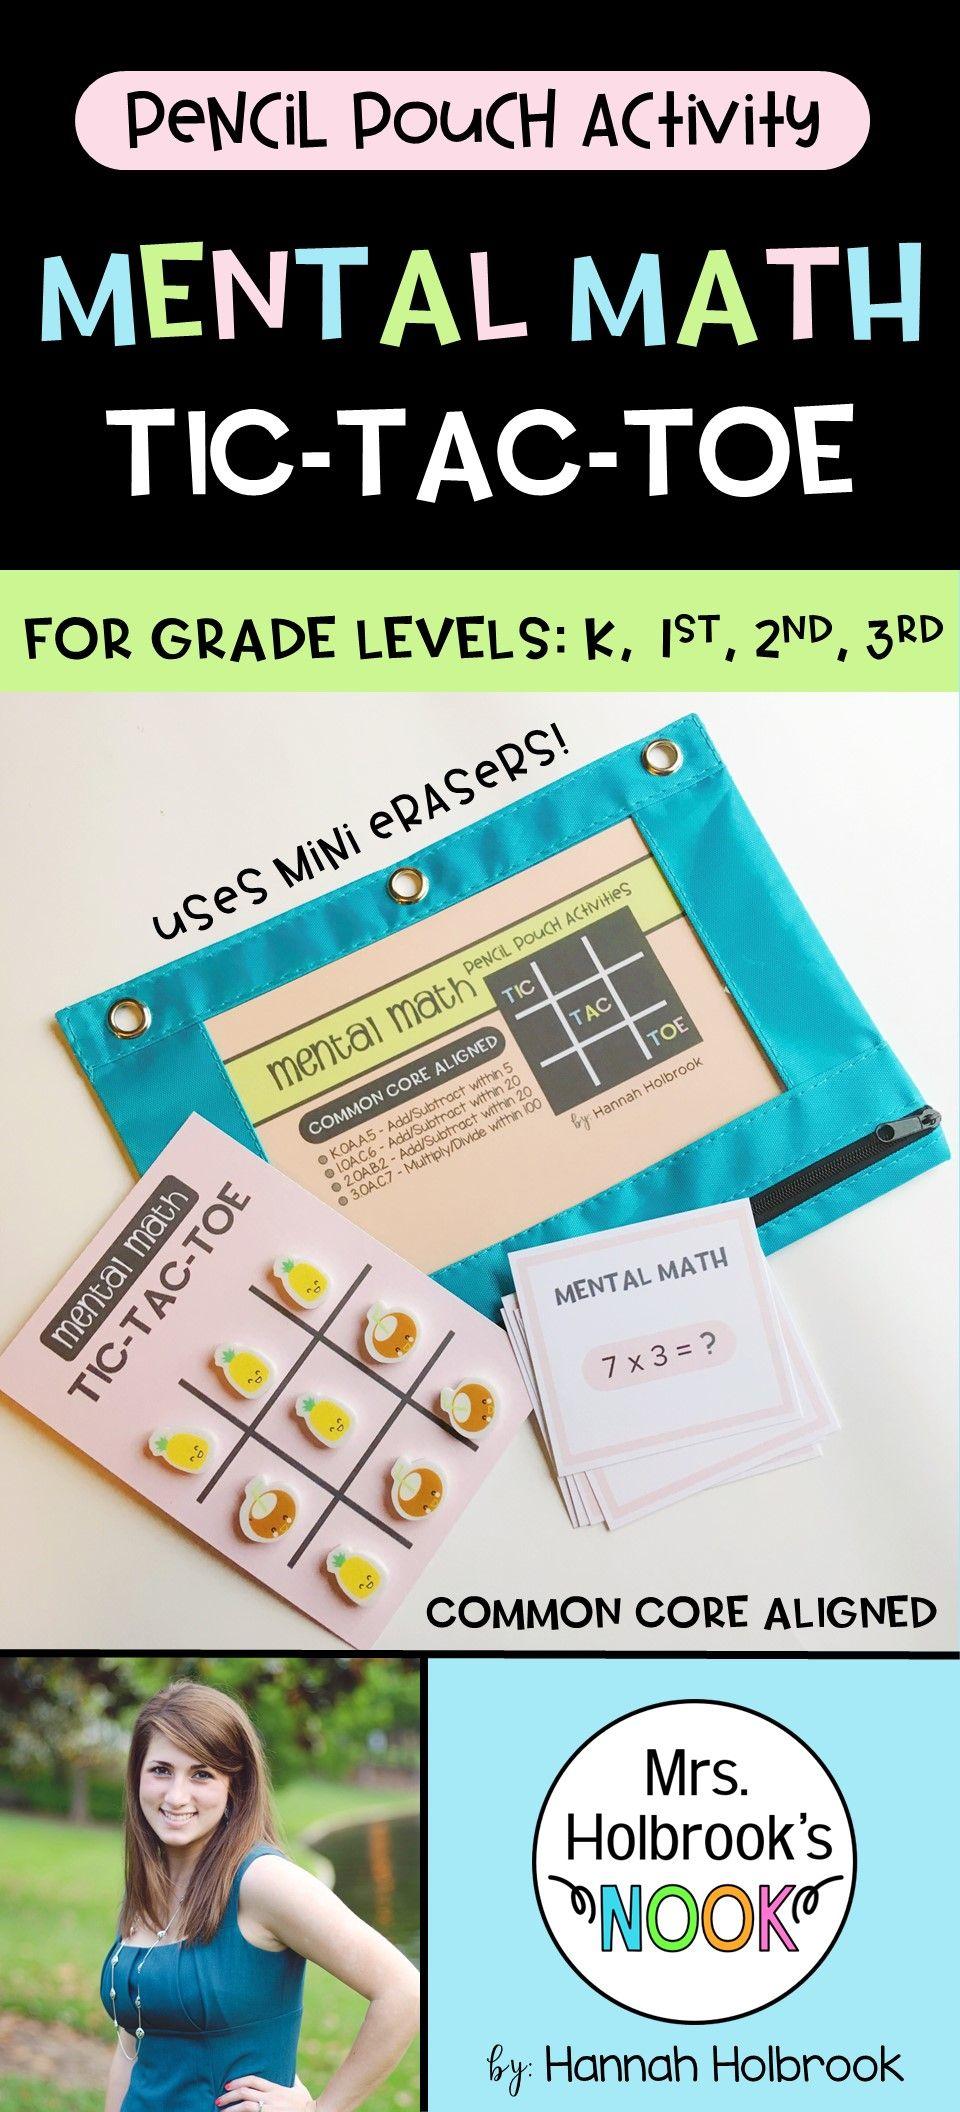 Pencil Pouch Activity - Mental Math Tic-Tac-Toe | Pinterest